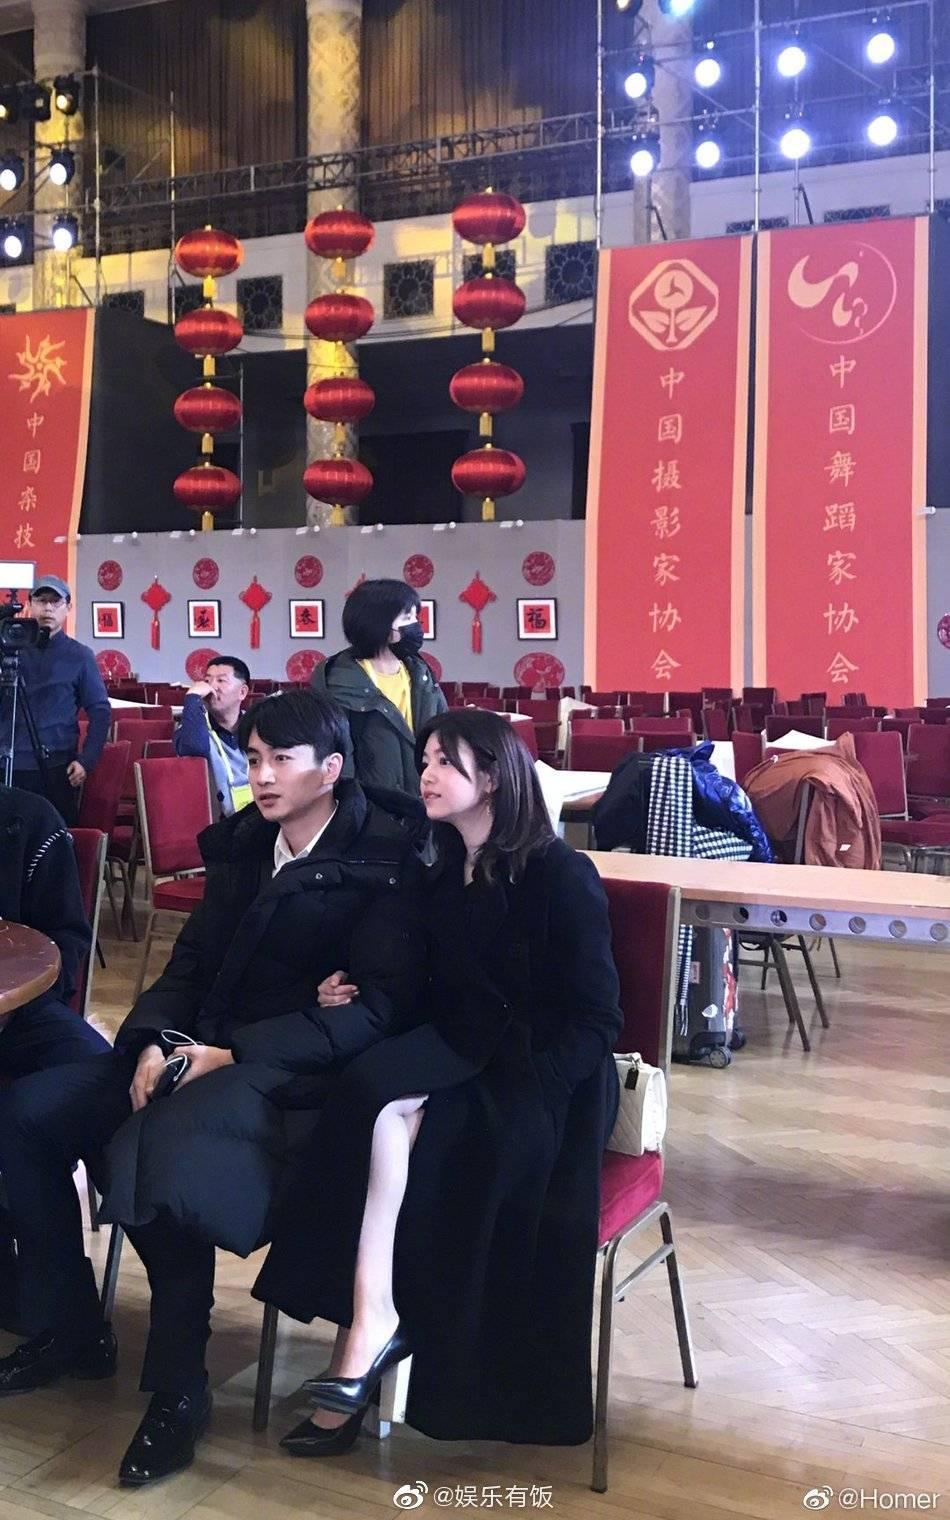 有網友在活動彩排現場巧遇陳妍希與陳曉,陳妍希挽著老公手臂,還露出一截美腿。(翻攝自娛樂有飯微博)